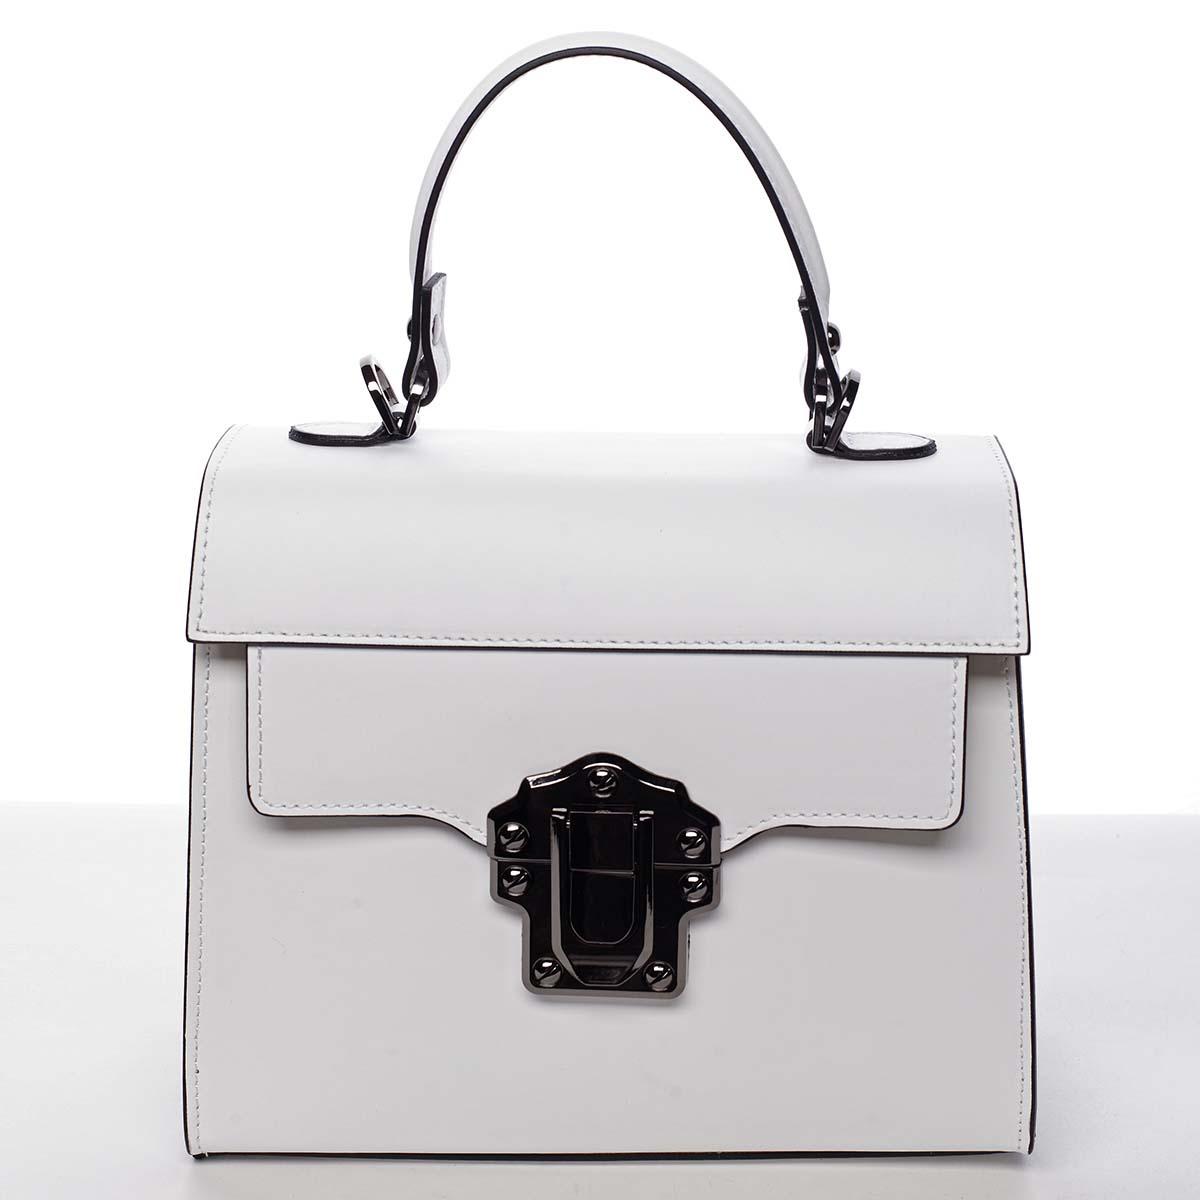 Exkluzívna módna dámska kožená kabelka biela - ItalY Bianka